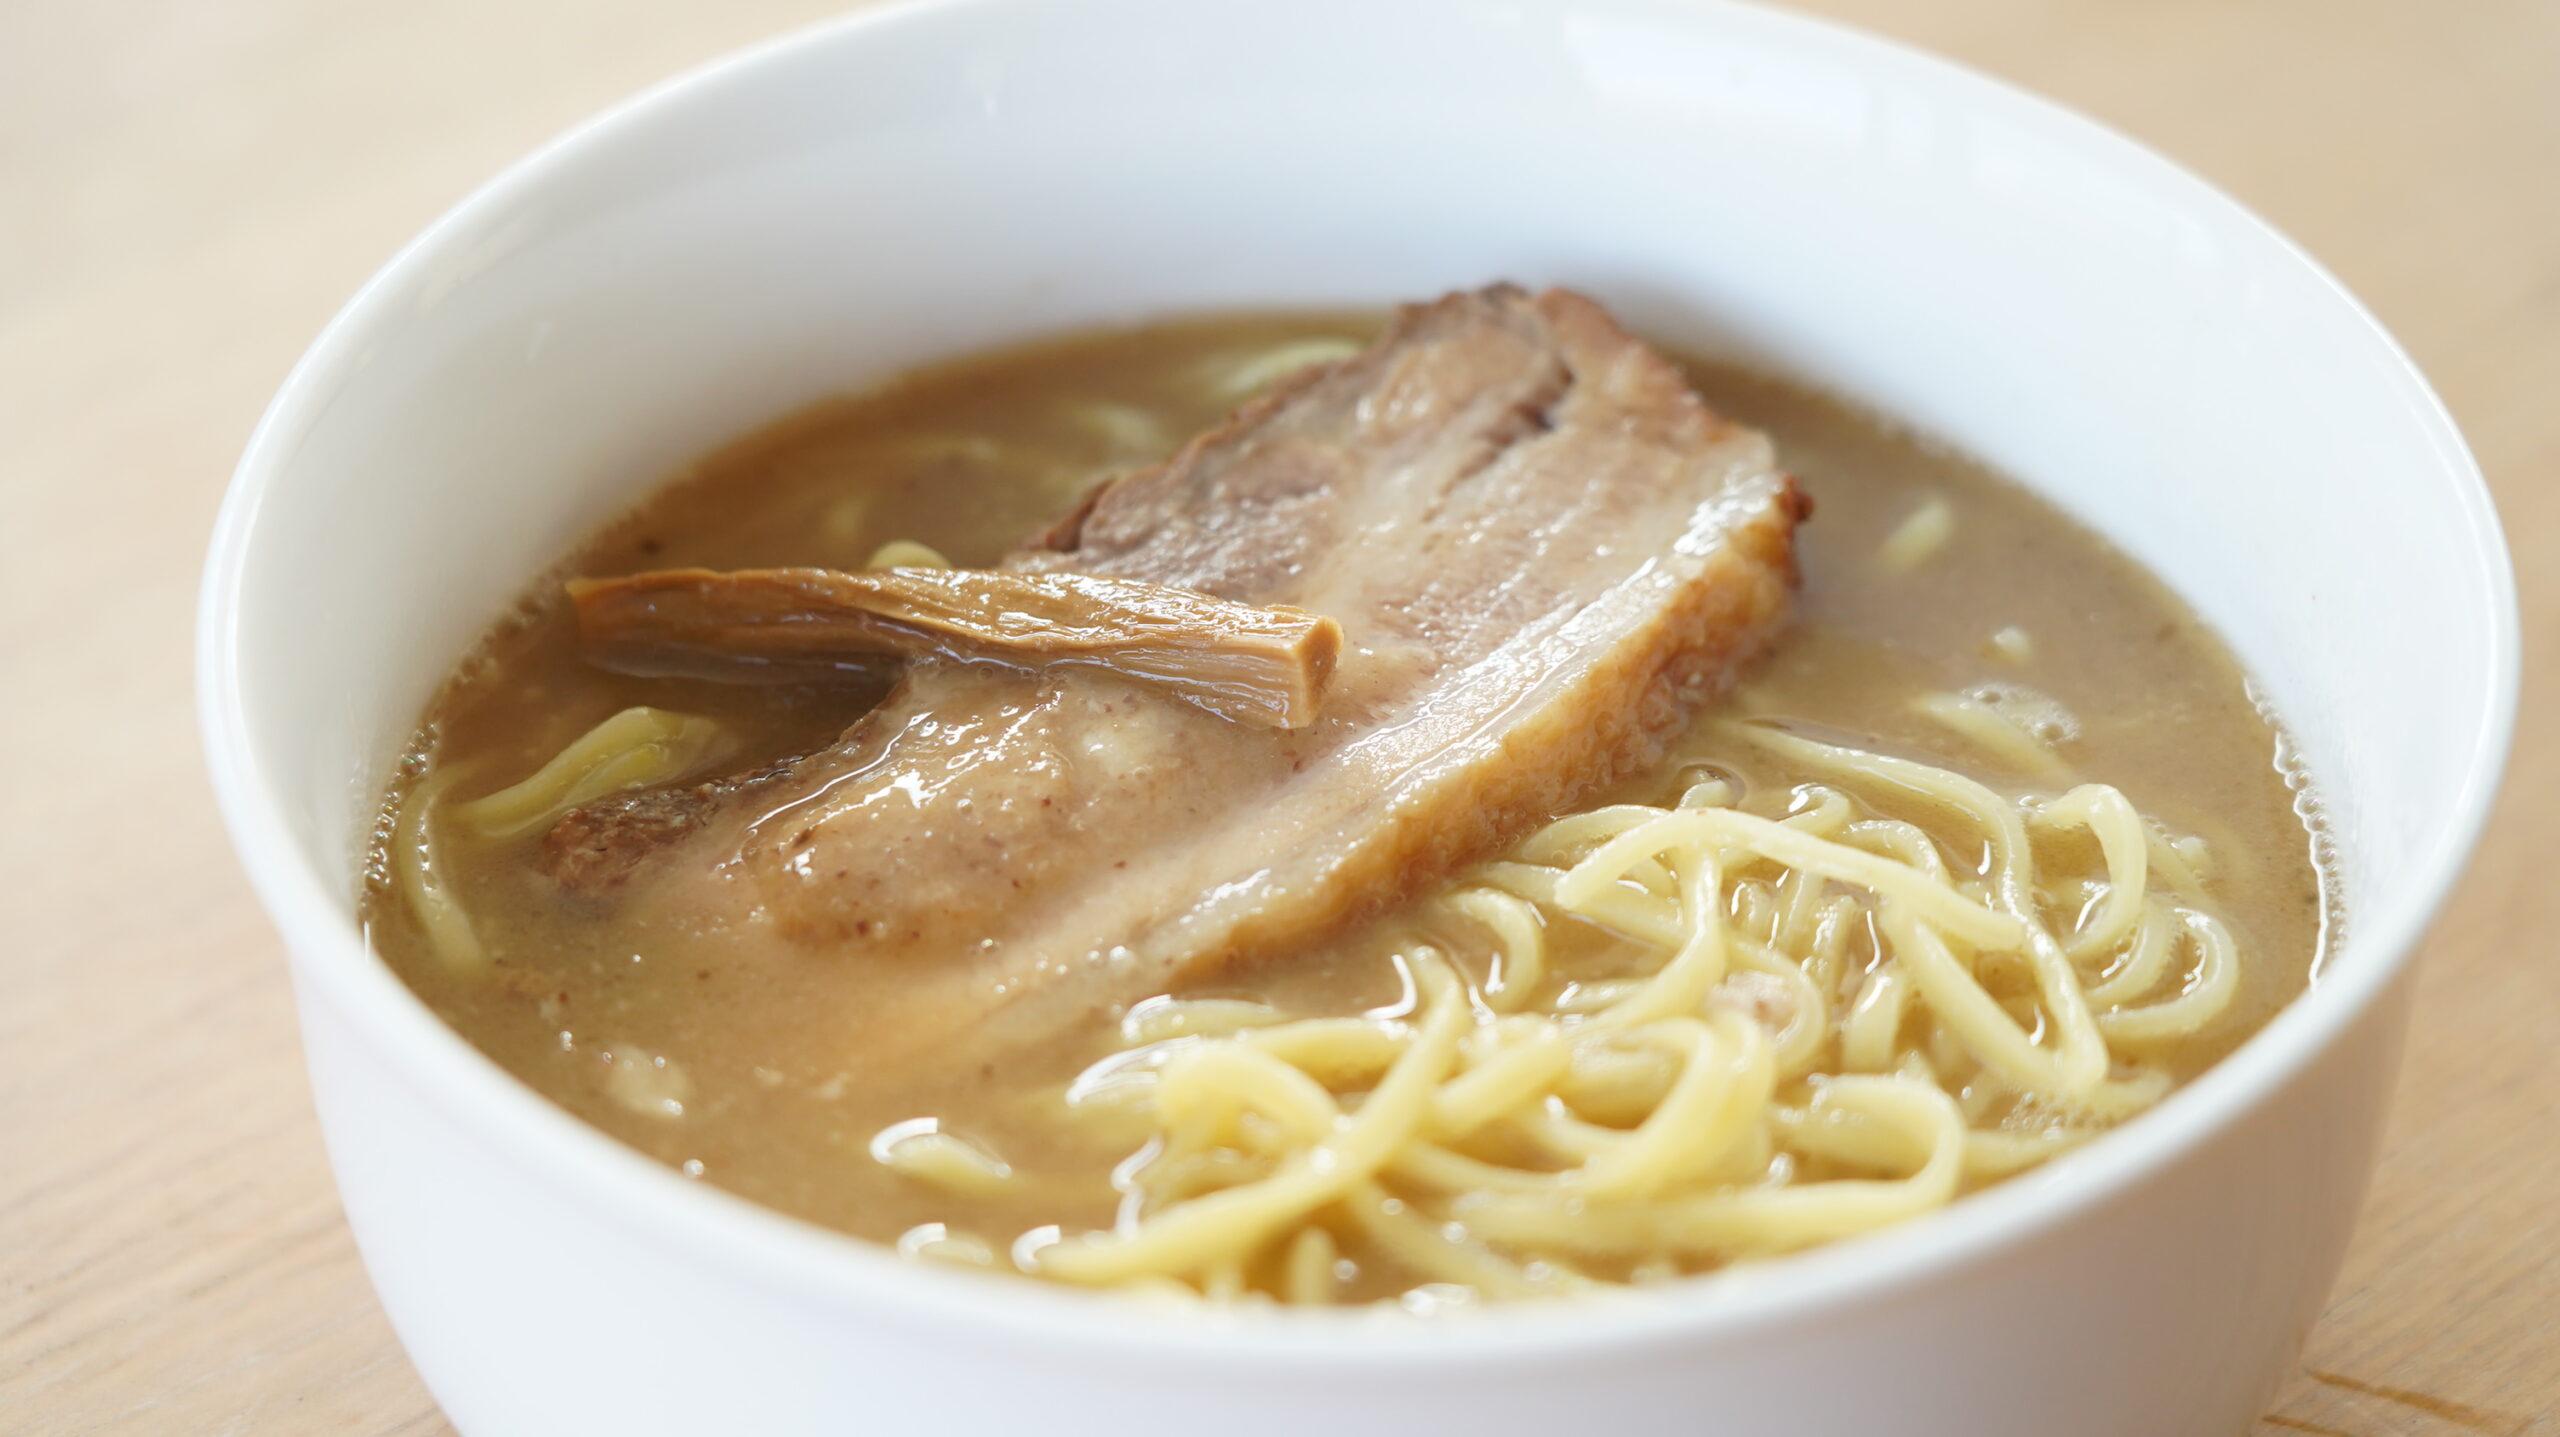 麺処「井の庄」のお取り寄せ・オンライン通販用「辛辛魚らーめん」の麺の写真